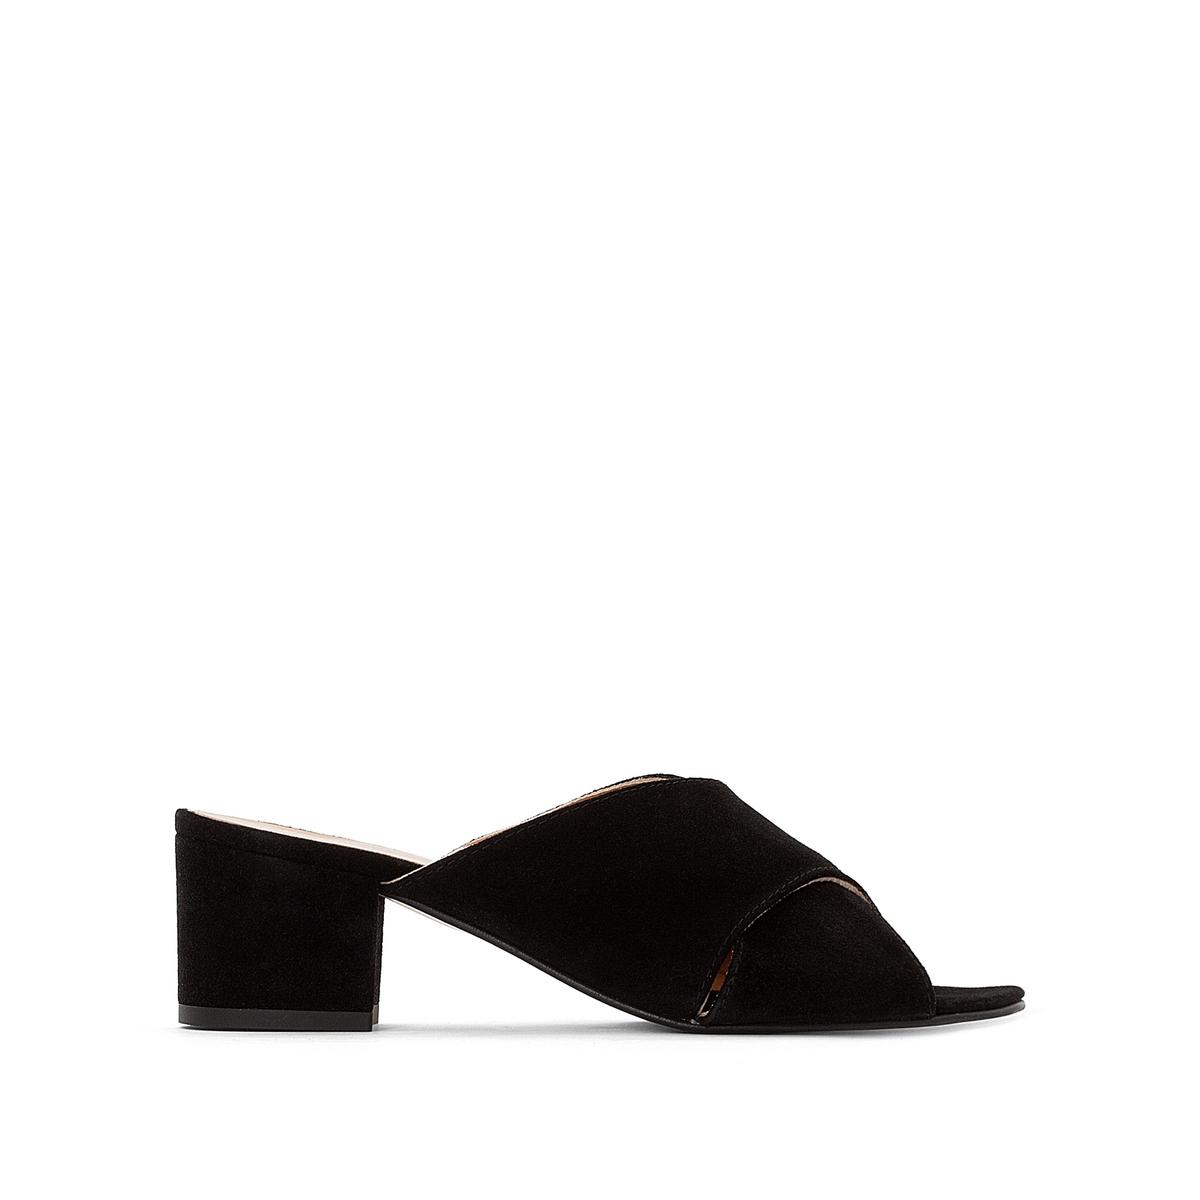 Туфли замшевые без задника на каблуке Franca цены онлайн